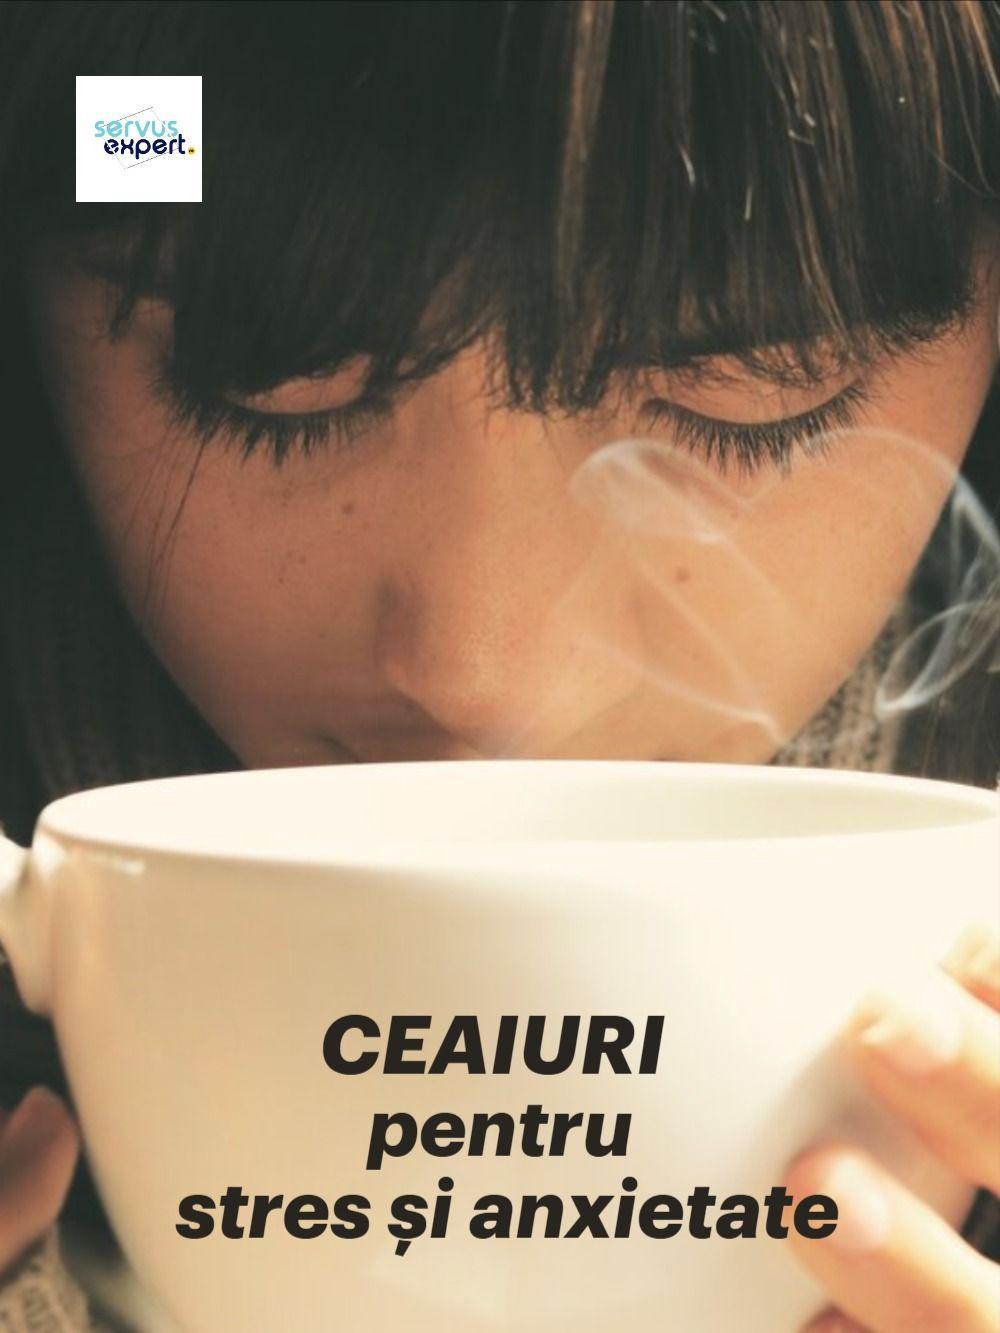 beneficiile pierderii greutate a ceaiului camomile